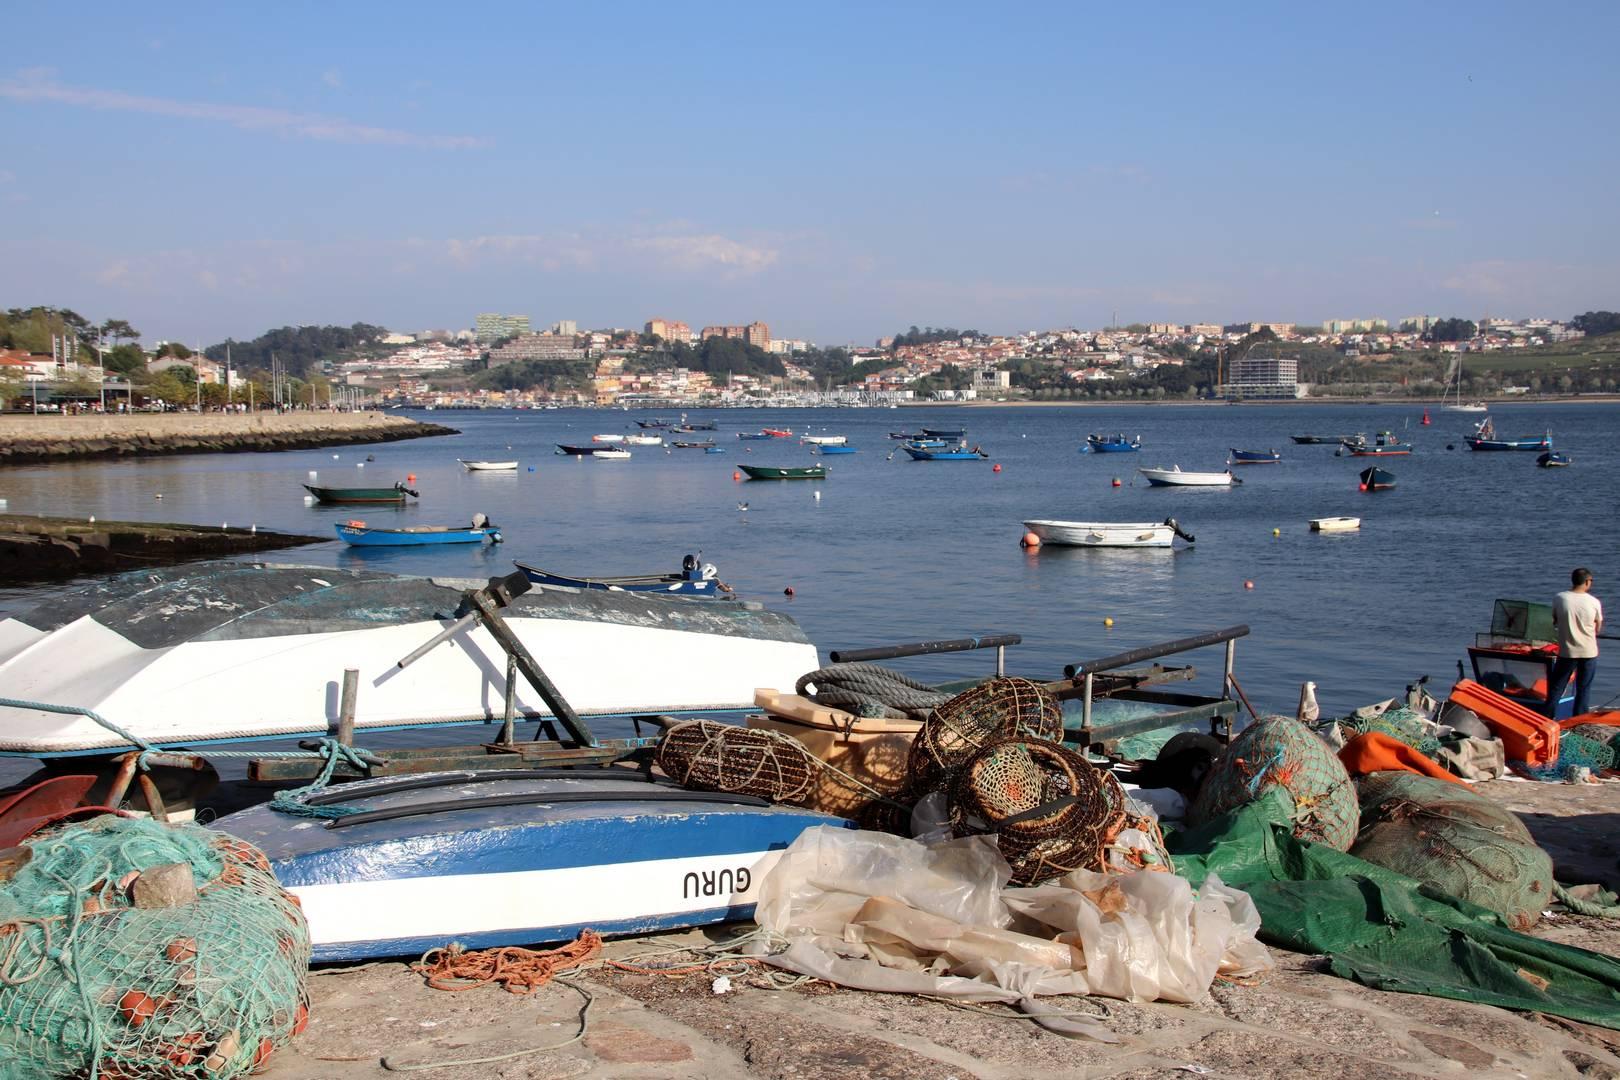 Portugal - Bateaux de pêche sur les rives du Douro à Porto